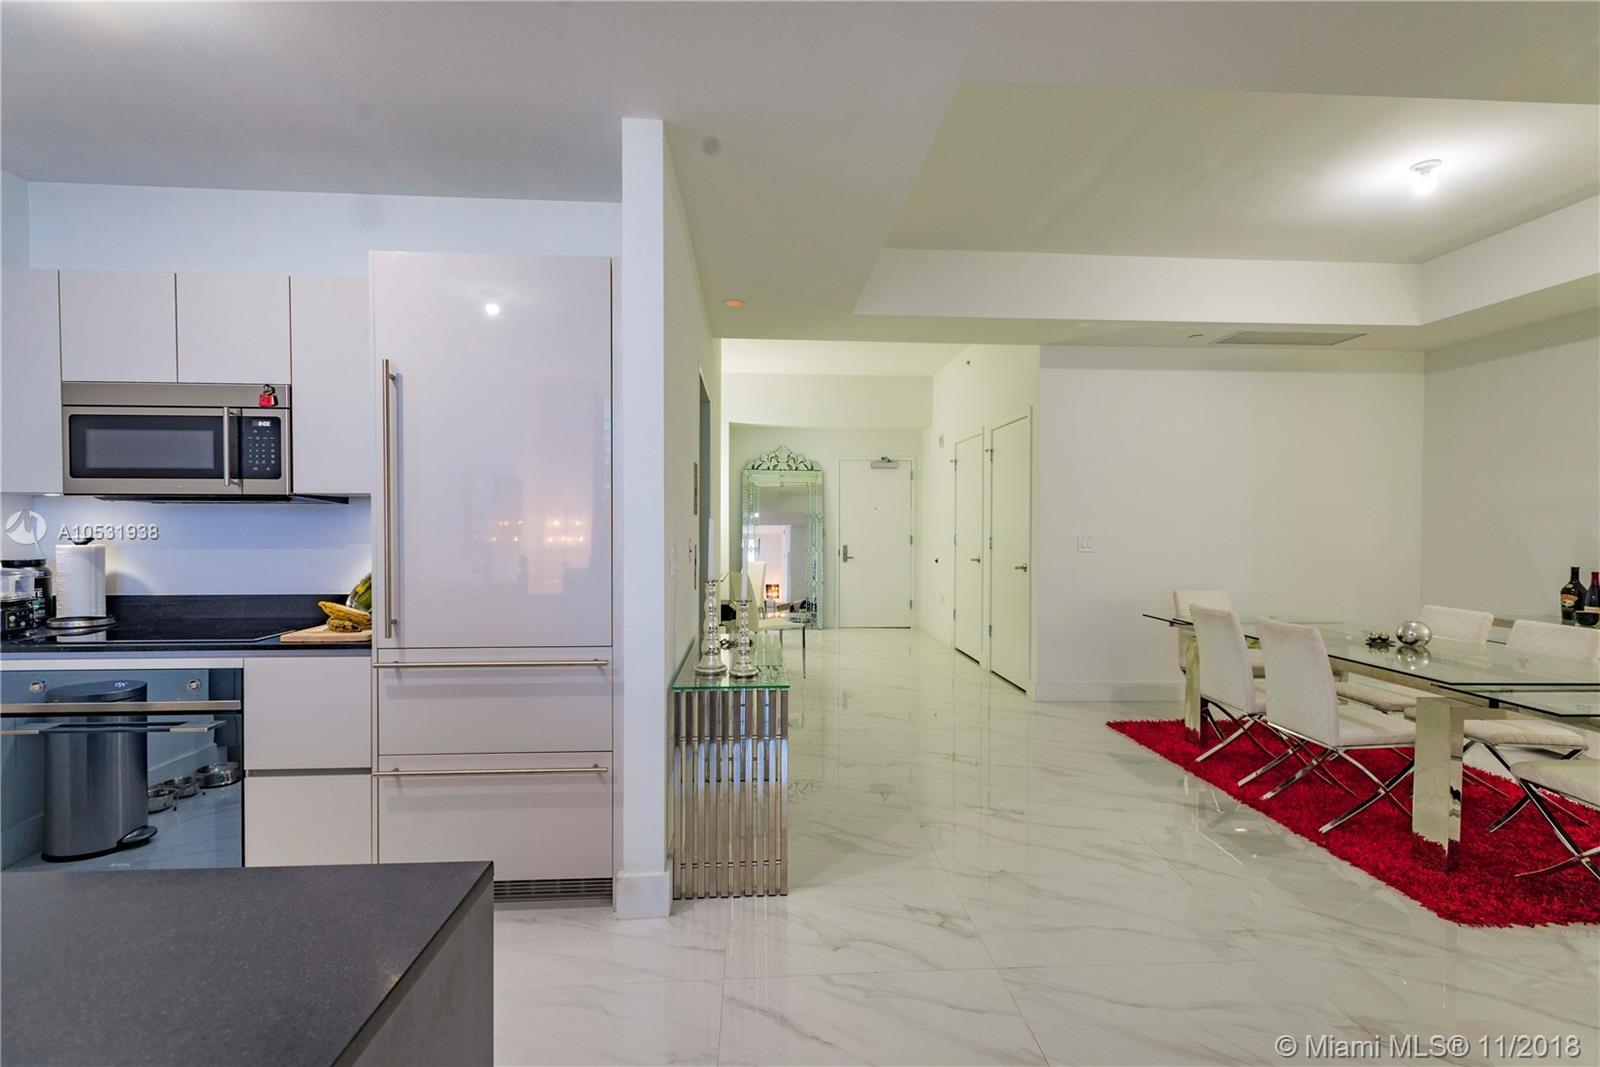 1010 Brickell Avenue, Miami, FL 33131, 1010 Brickell #4704, Brickell, Miami A10531938 image #11